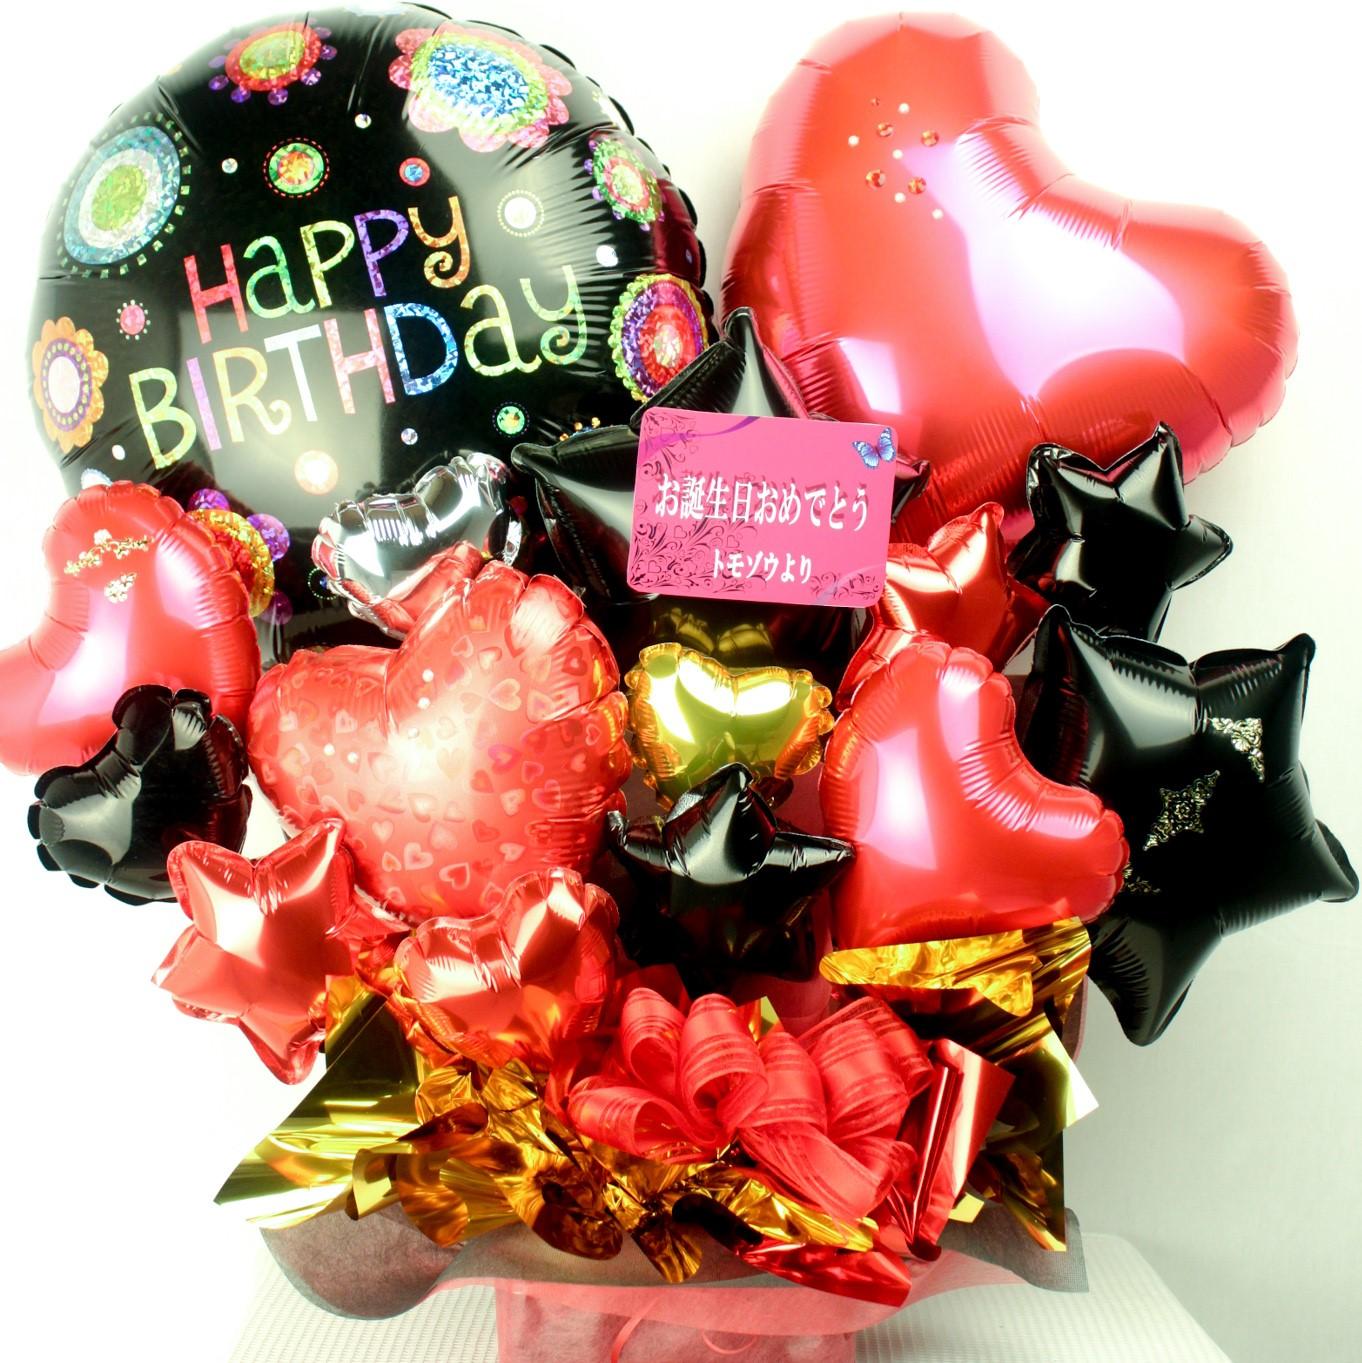 ゴージャスな誕生日プレゼント  大人可愛いアレンジ、誕生日、開店祝い、周年記念などに人気です 」 ot0027